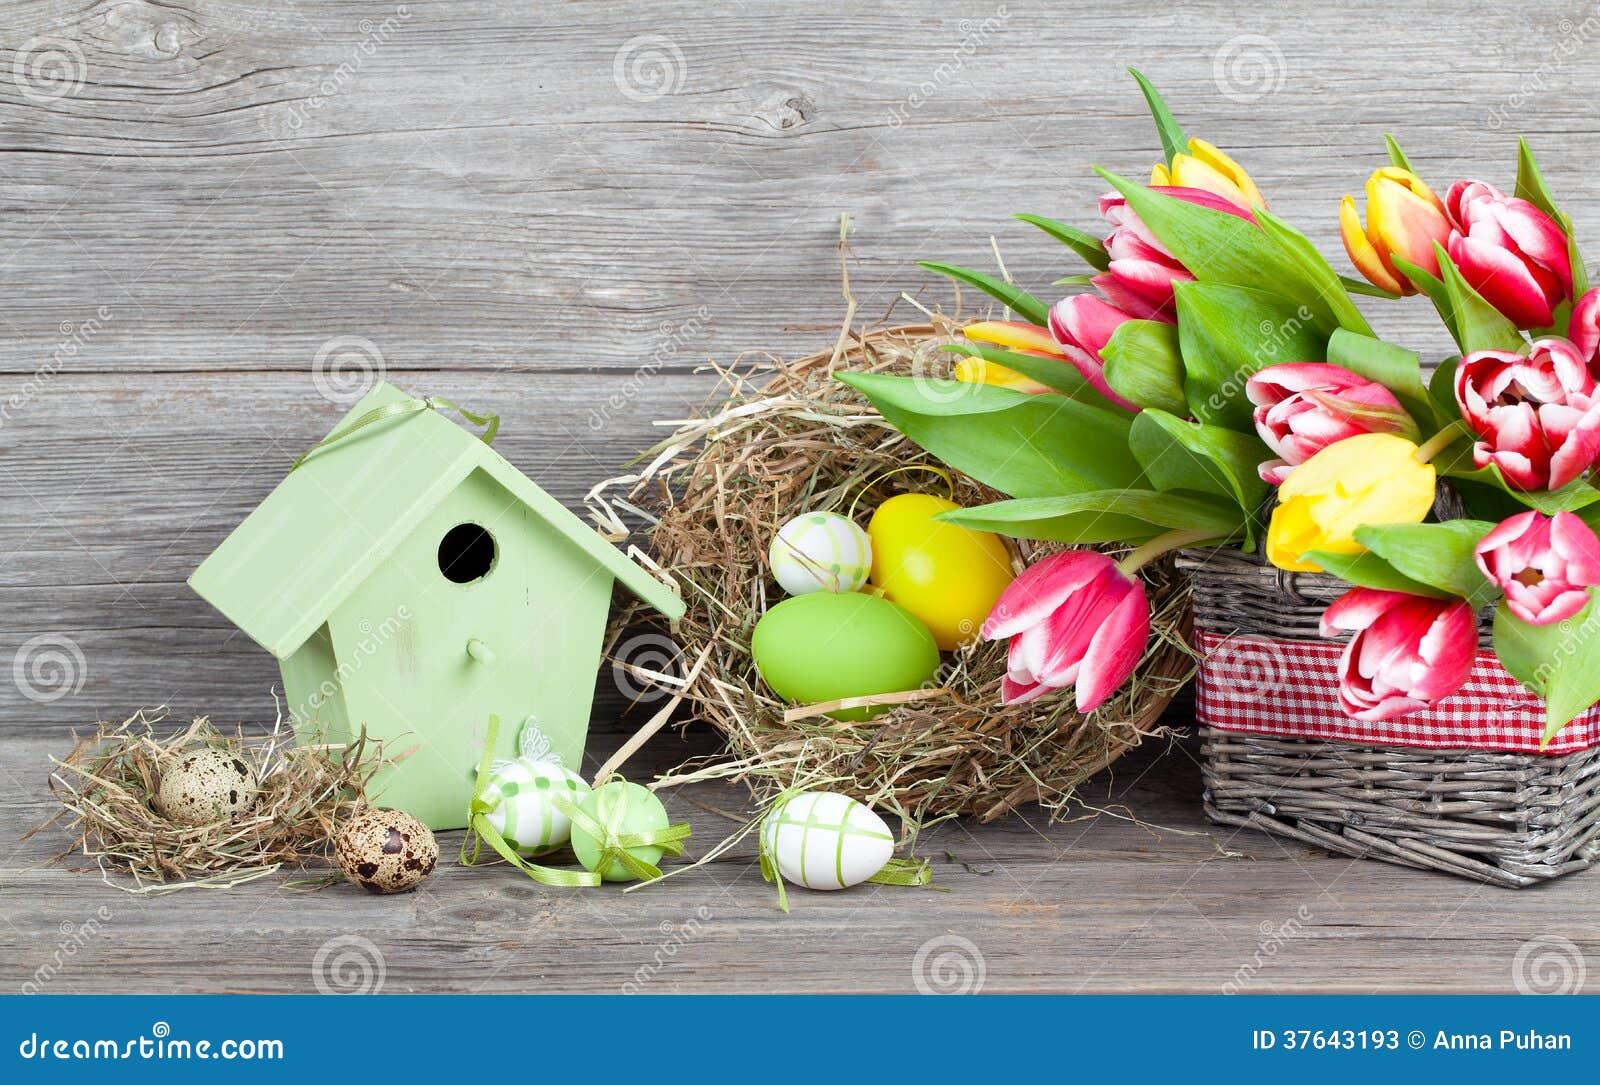 Ostern dekoration mit eiern vogelhaus und tulpen for Ostern dekoration